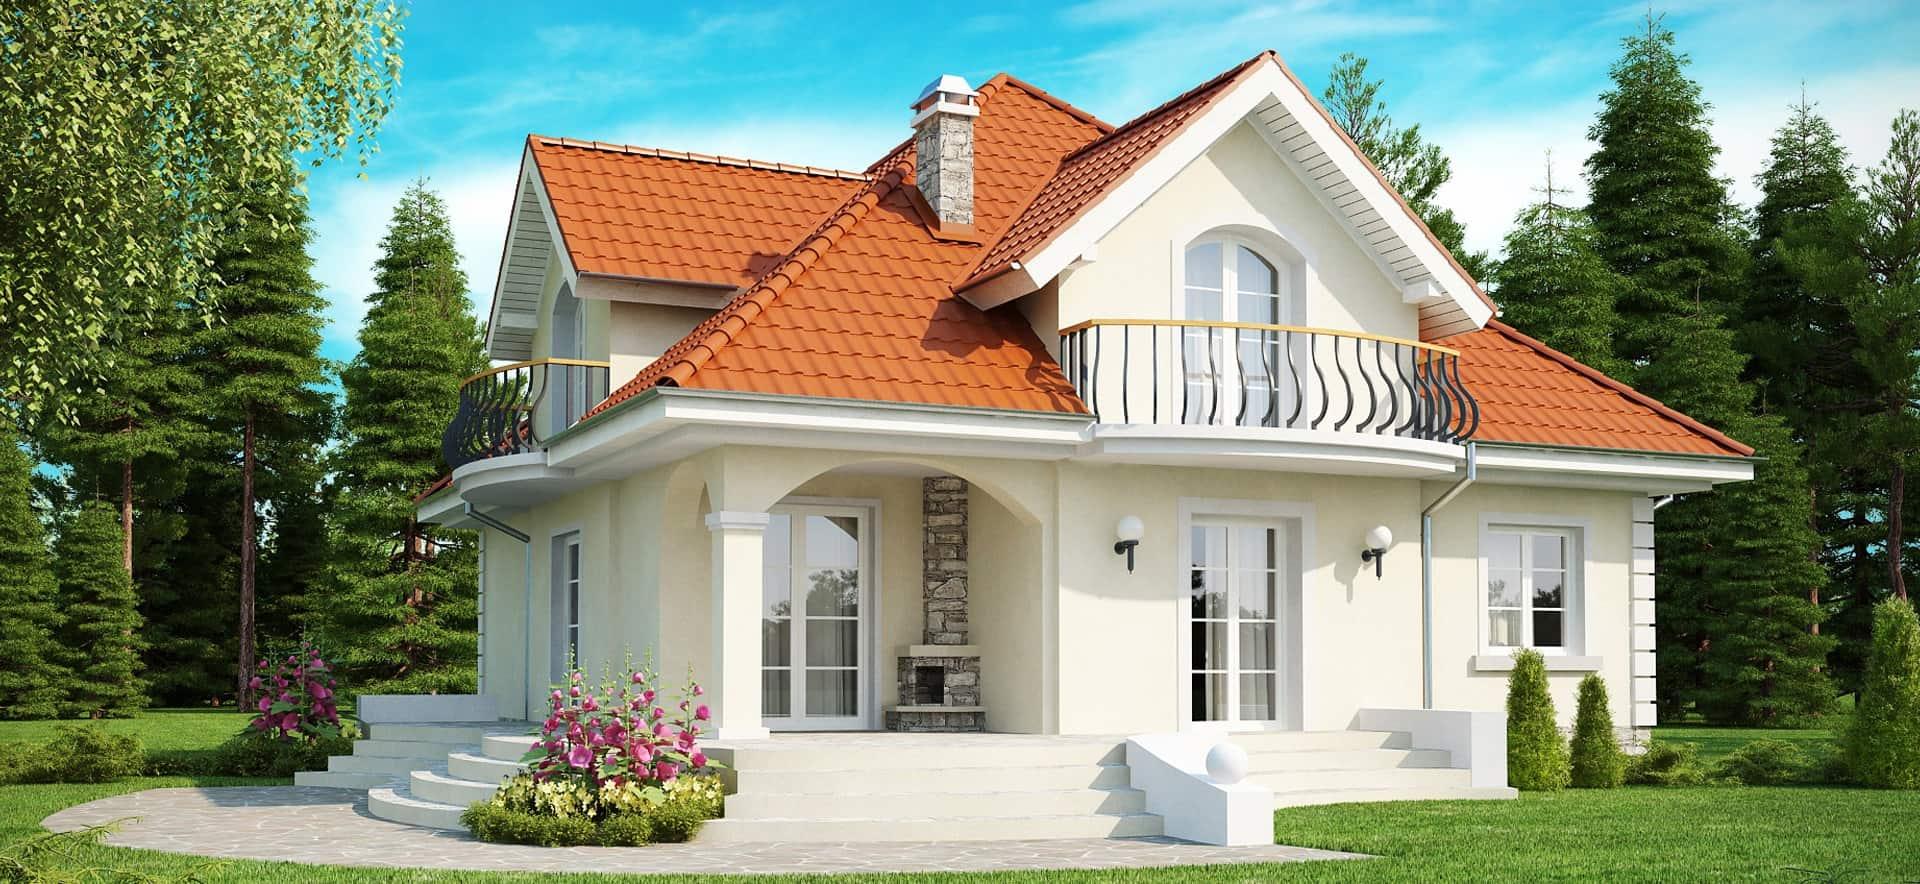 Отделка фасада дома что дешевле